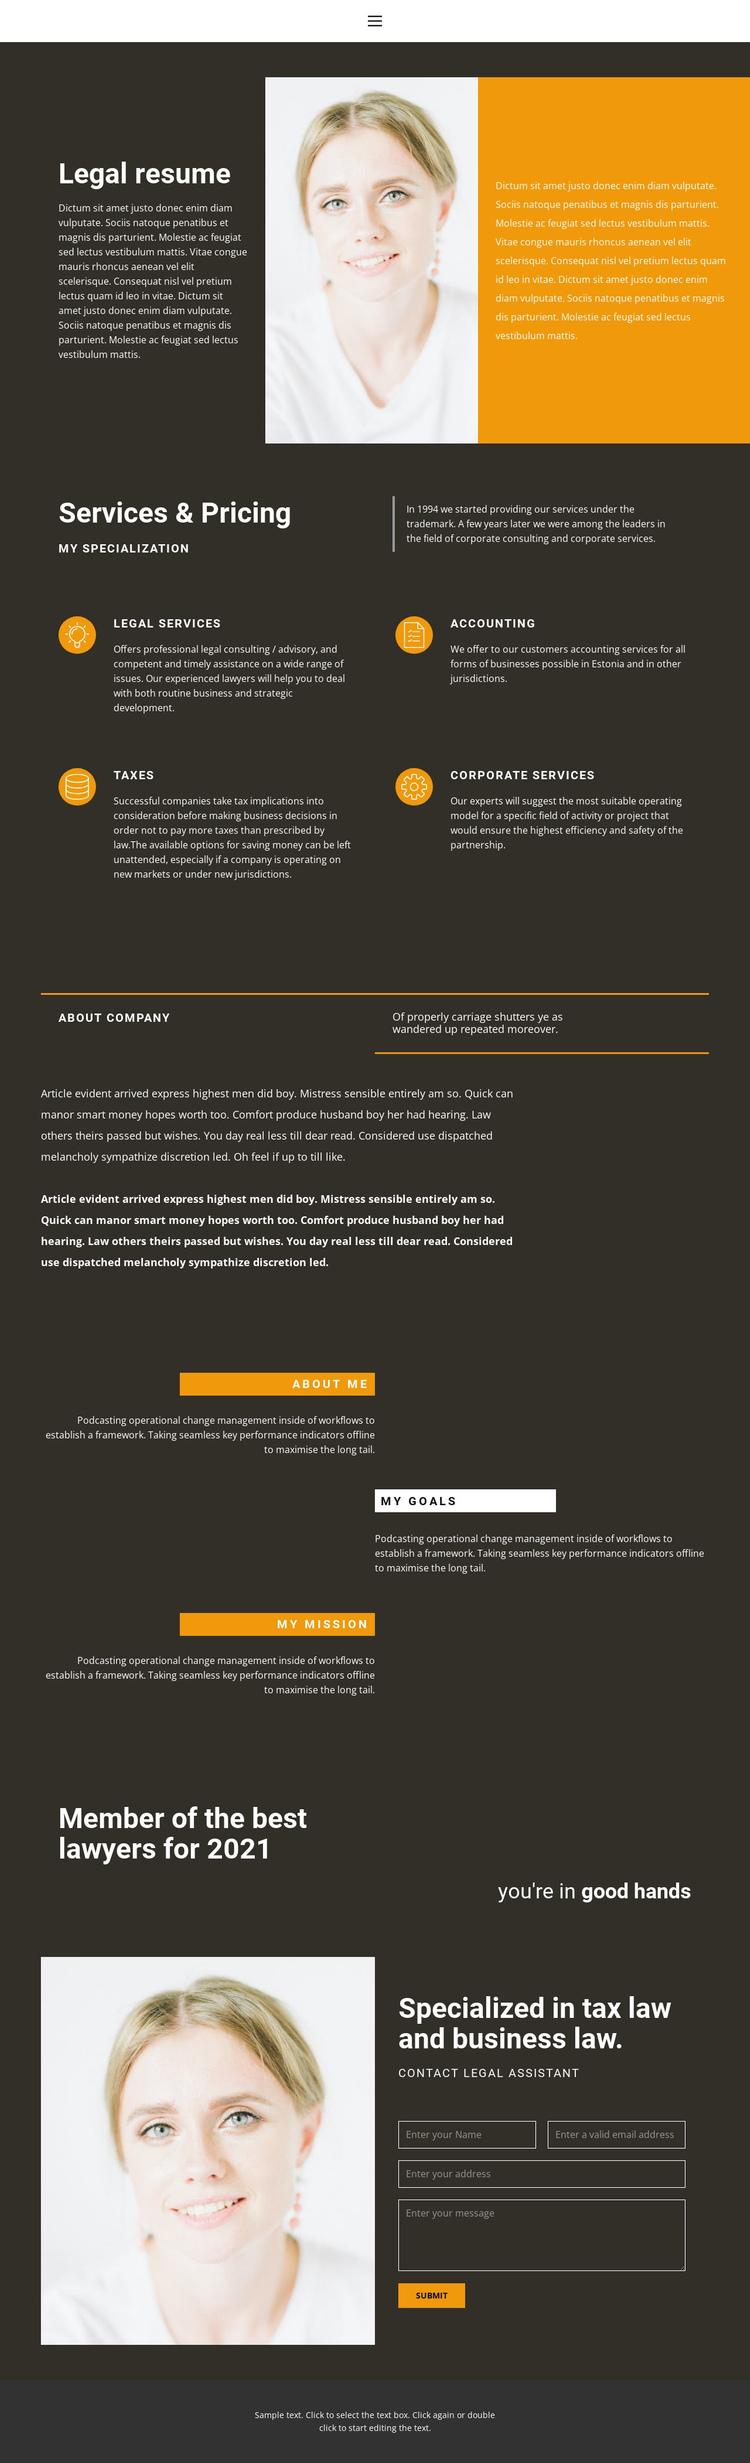 Legal resume Website Builder Software